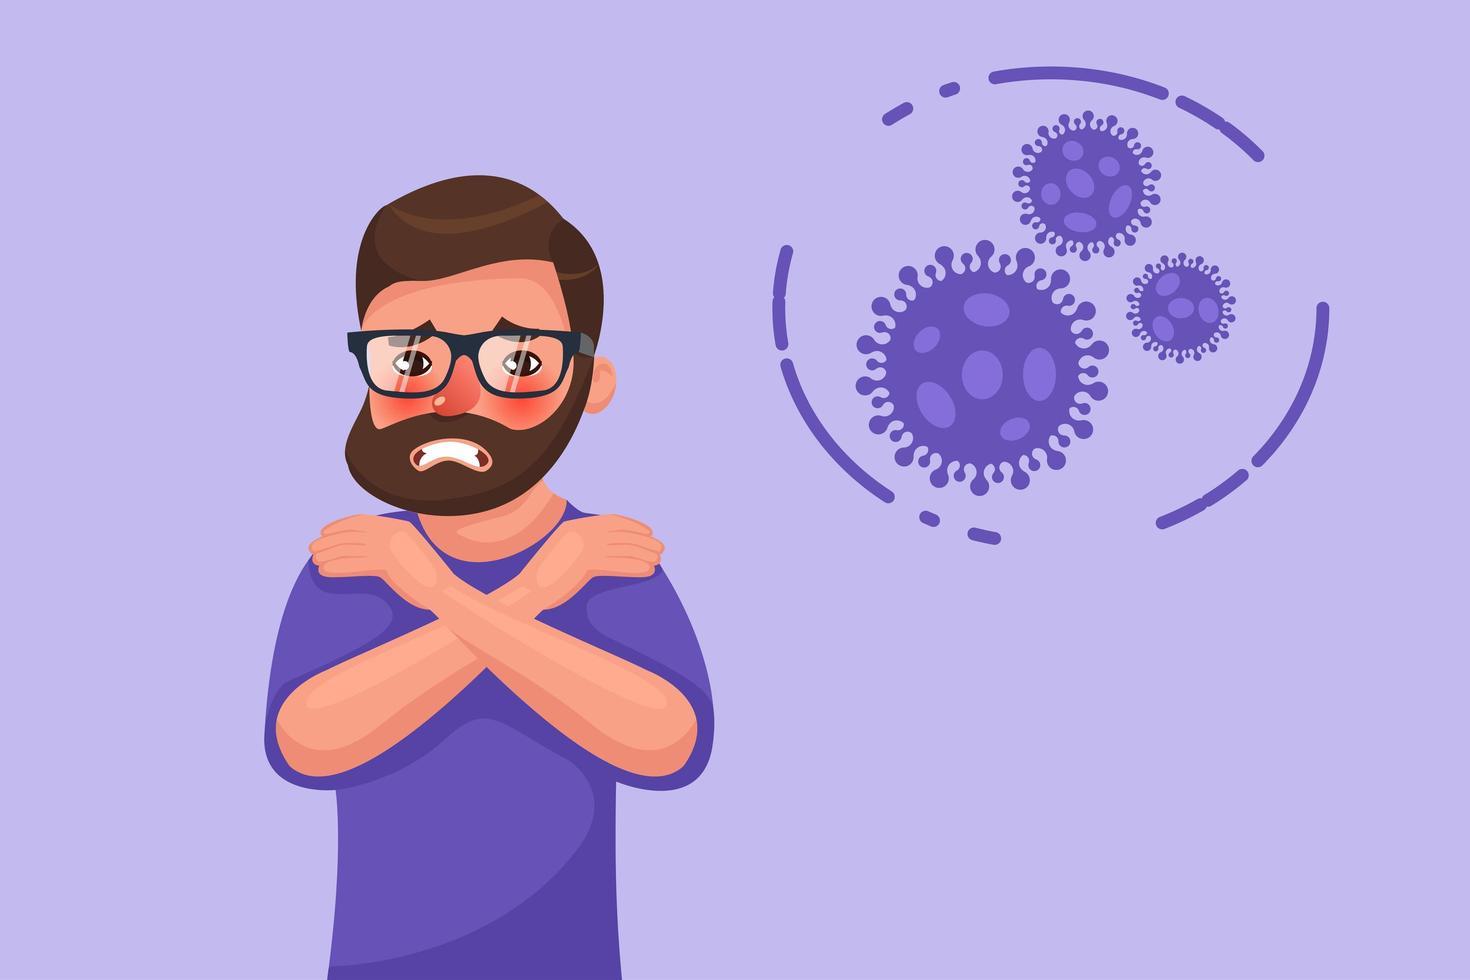 giovane barbuto con il sintomo dei brividi di coronavirus vettore